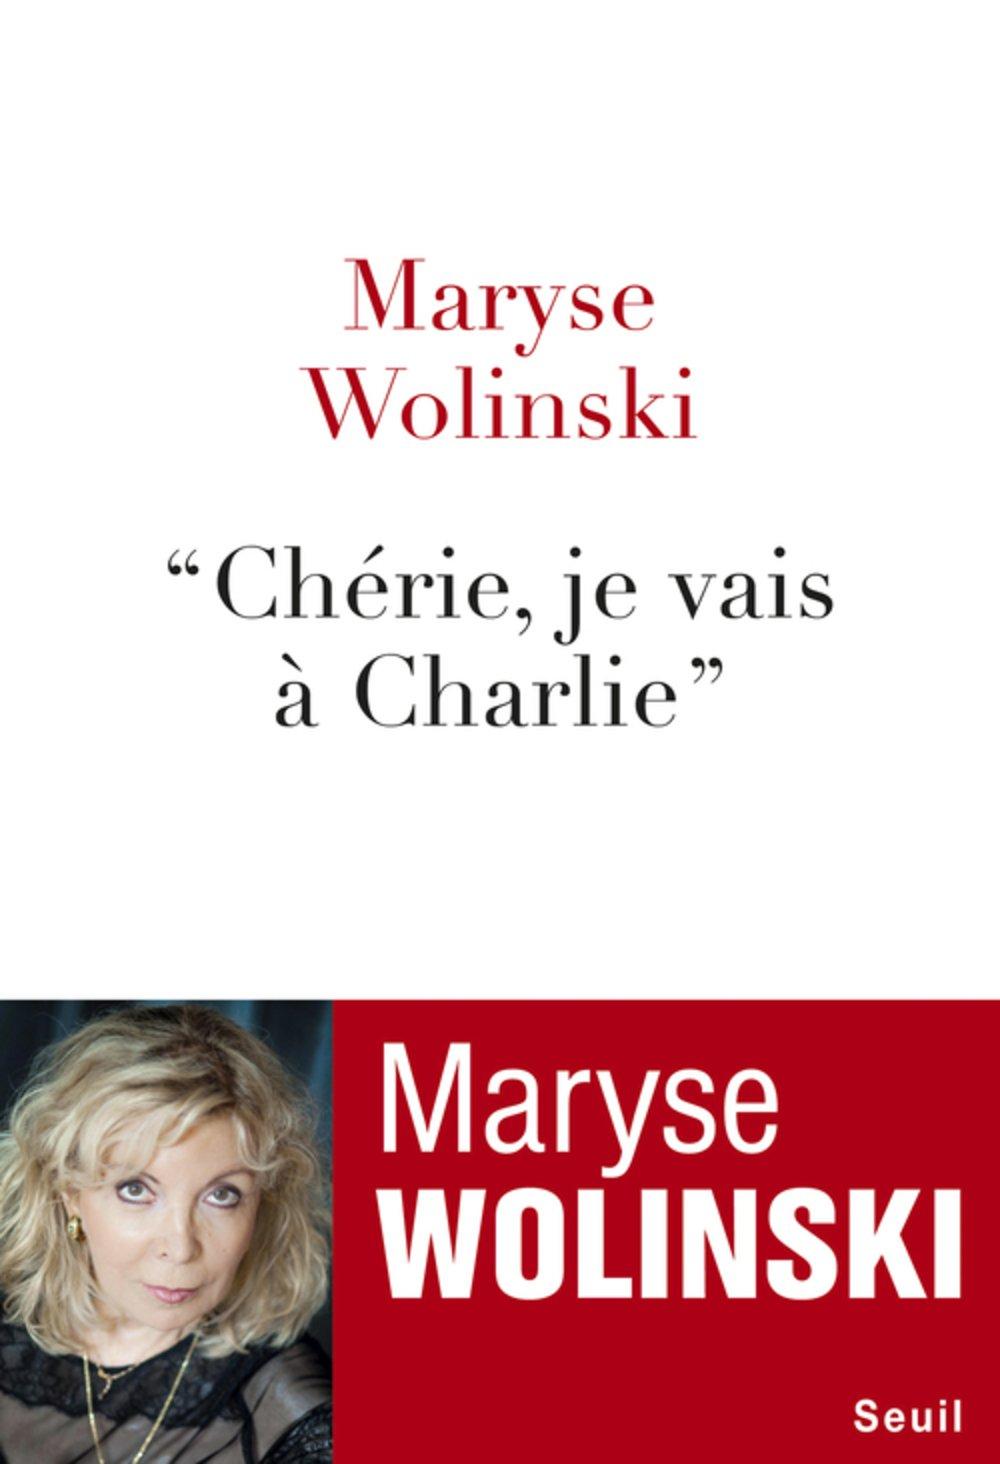 Chérie, je vais à Charlie. - Maryse Wolinski